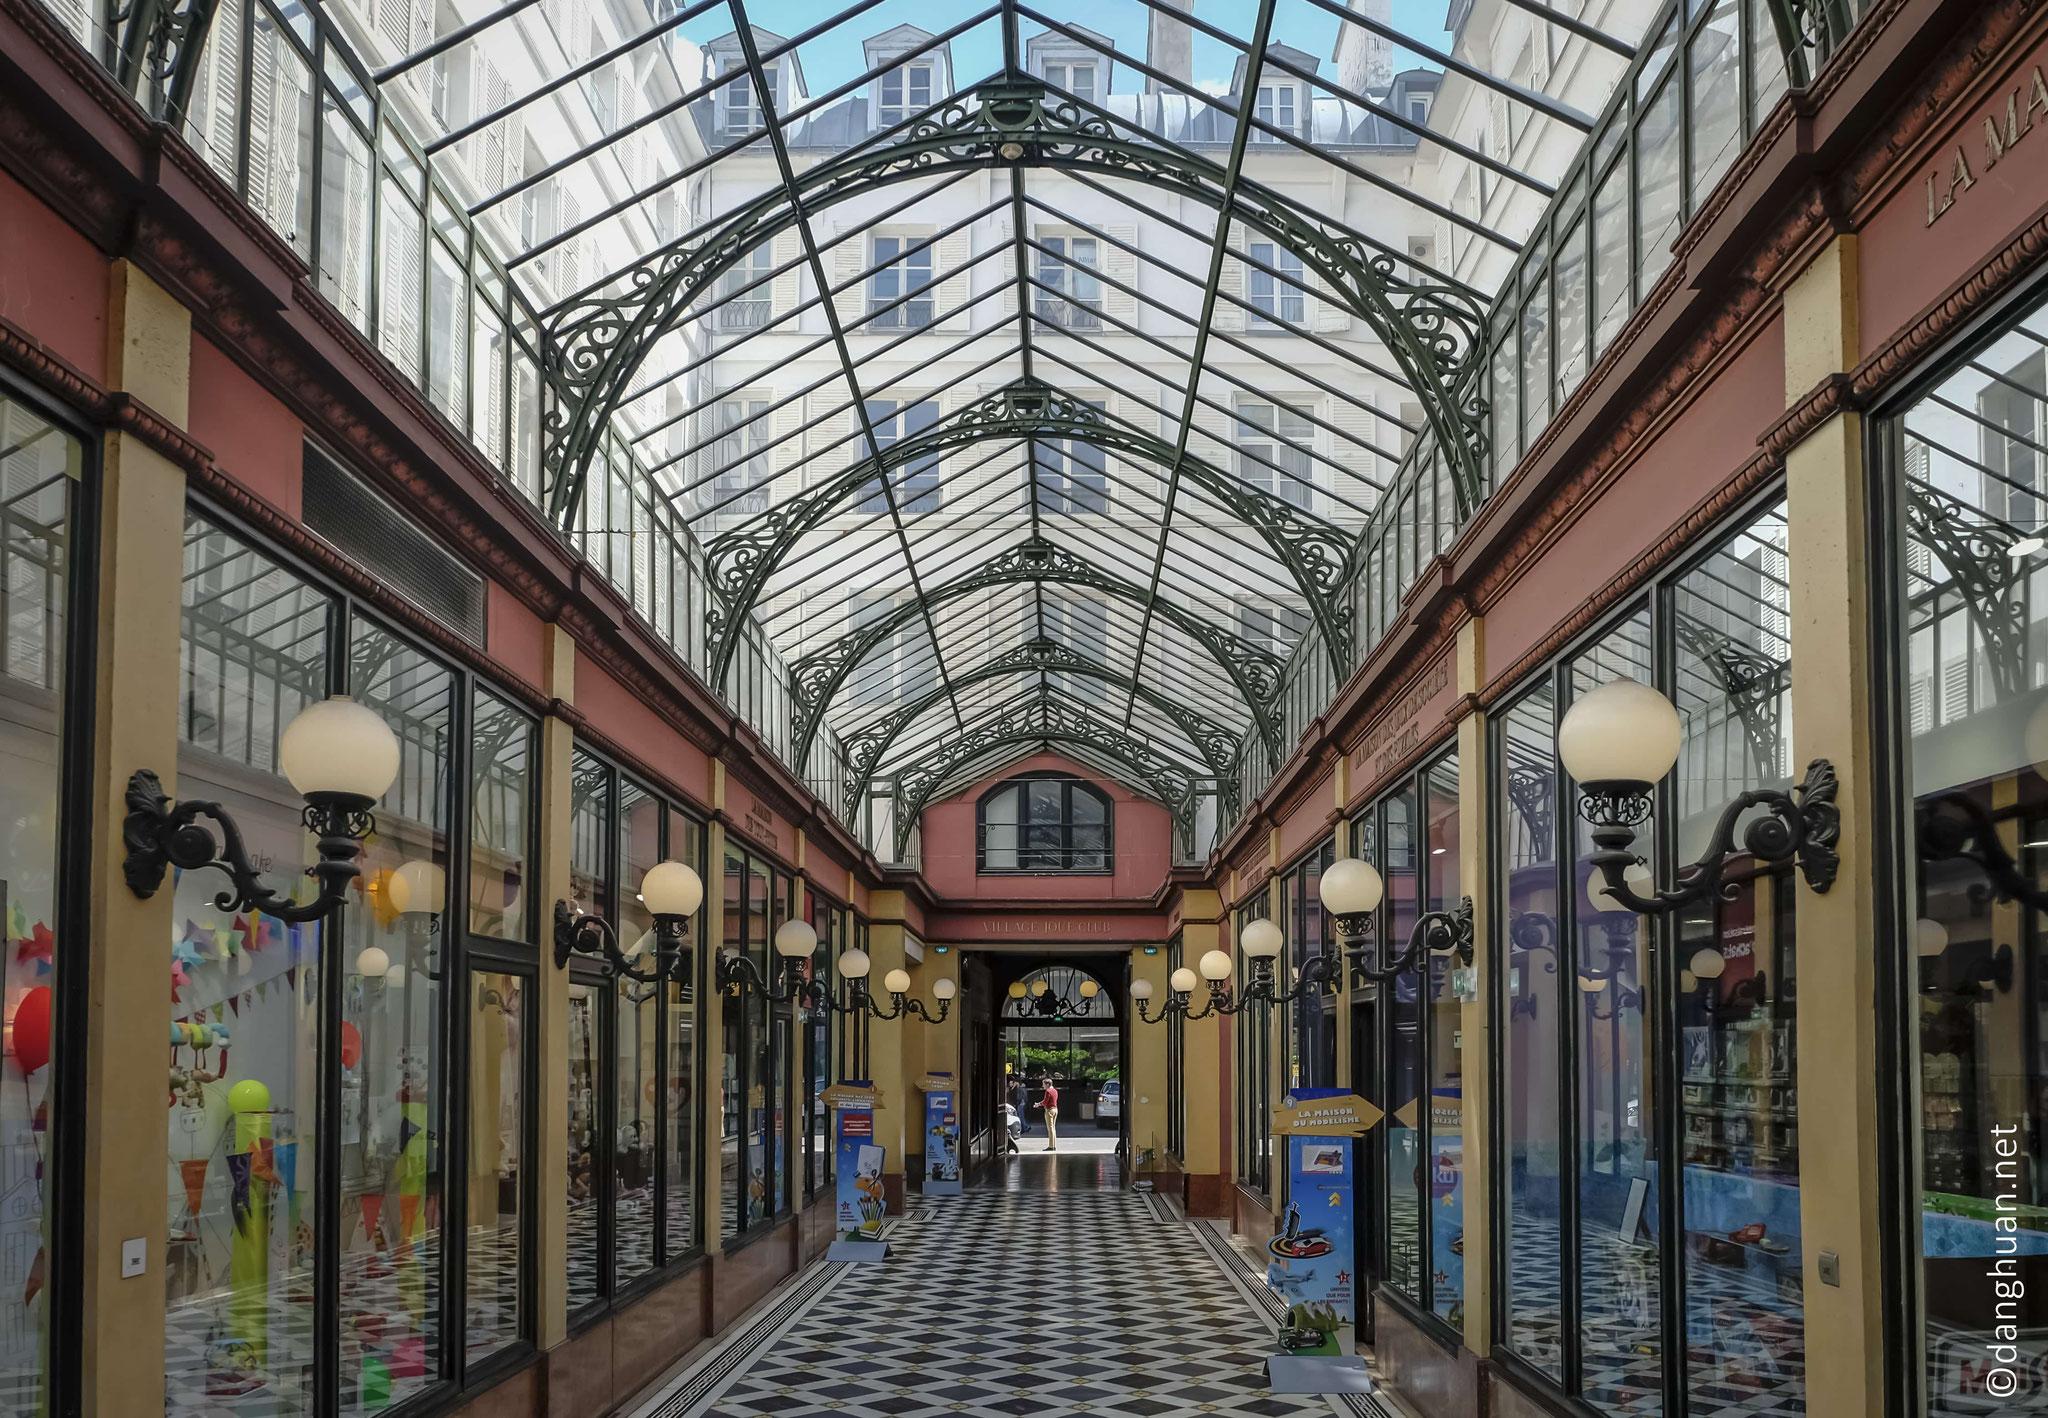 Edifié en 1860, détruit en 1985, et finalement reconstruit à l'identique en 1995, le passage des Princes abrite nombreux magasins dédiés aux jouets, au modélisme, aux jeux vidéo...